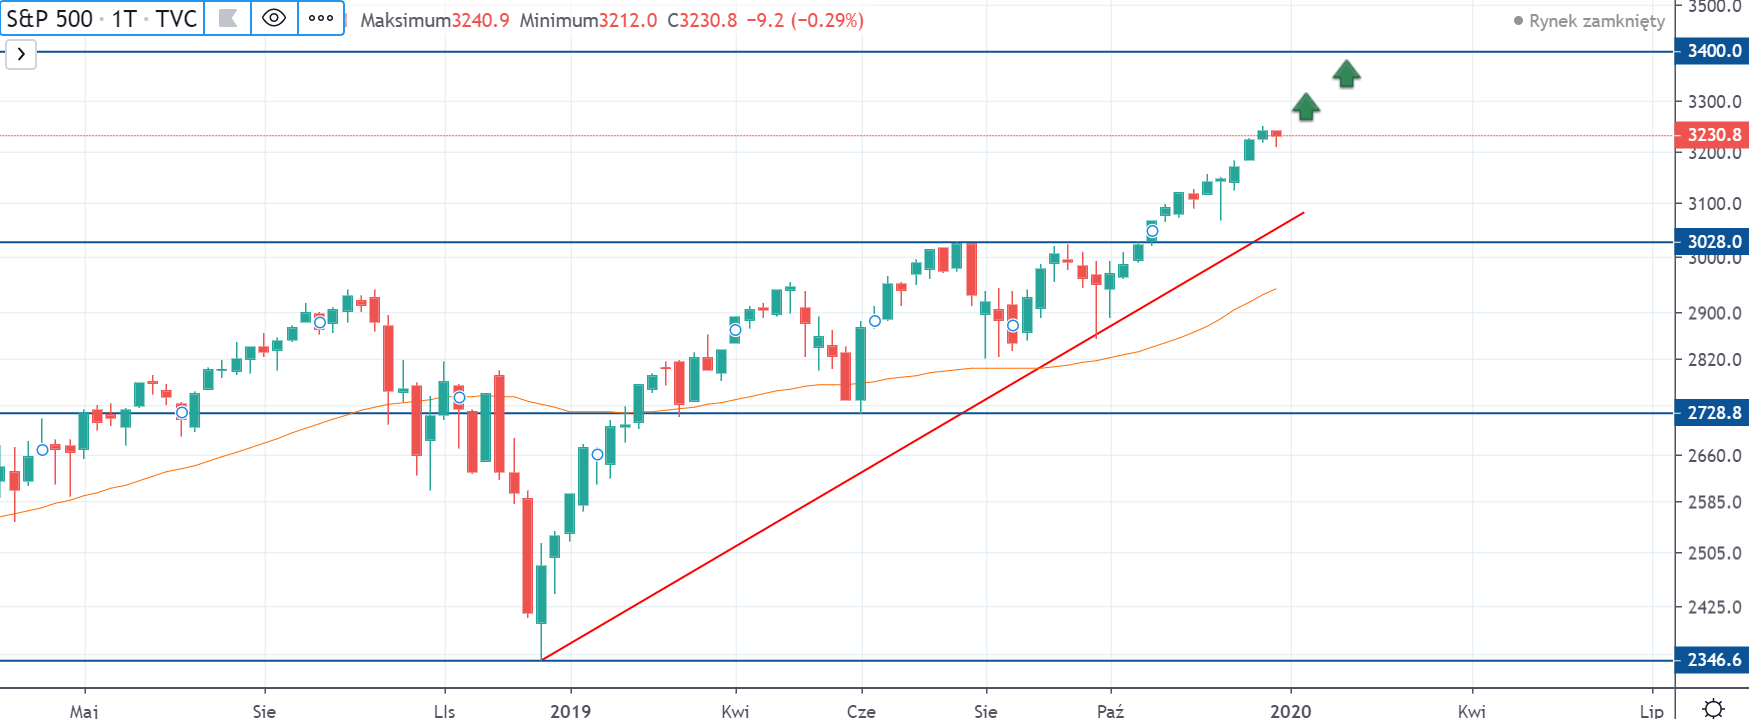 Indeks SP500 na interwale tygodniowym, tradingviewcom